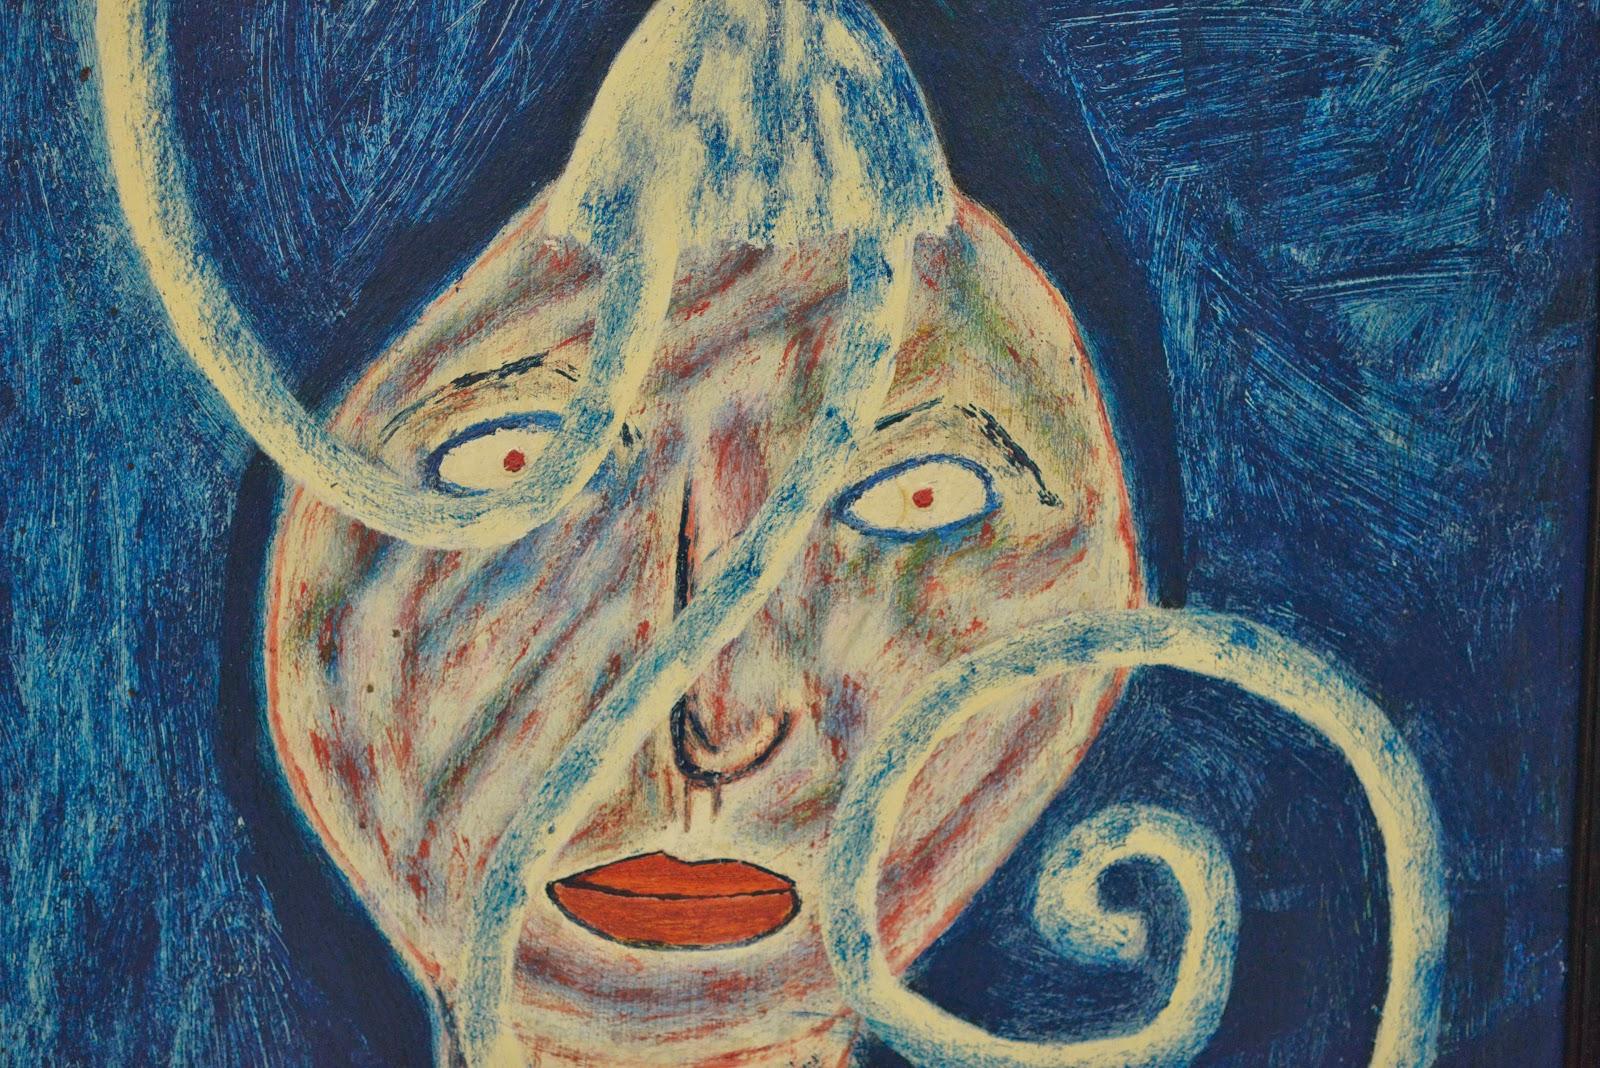 azul para Amarneciendo